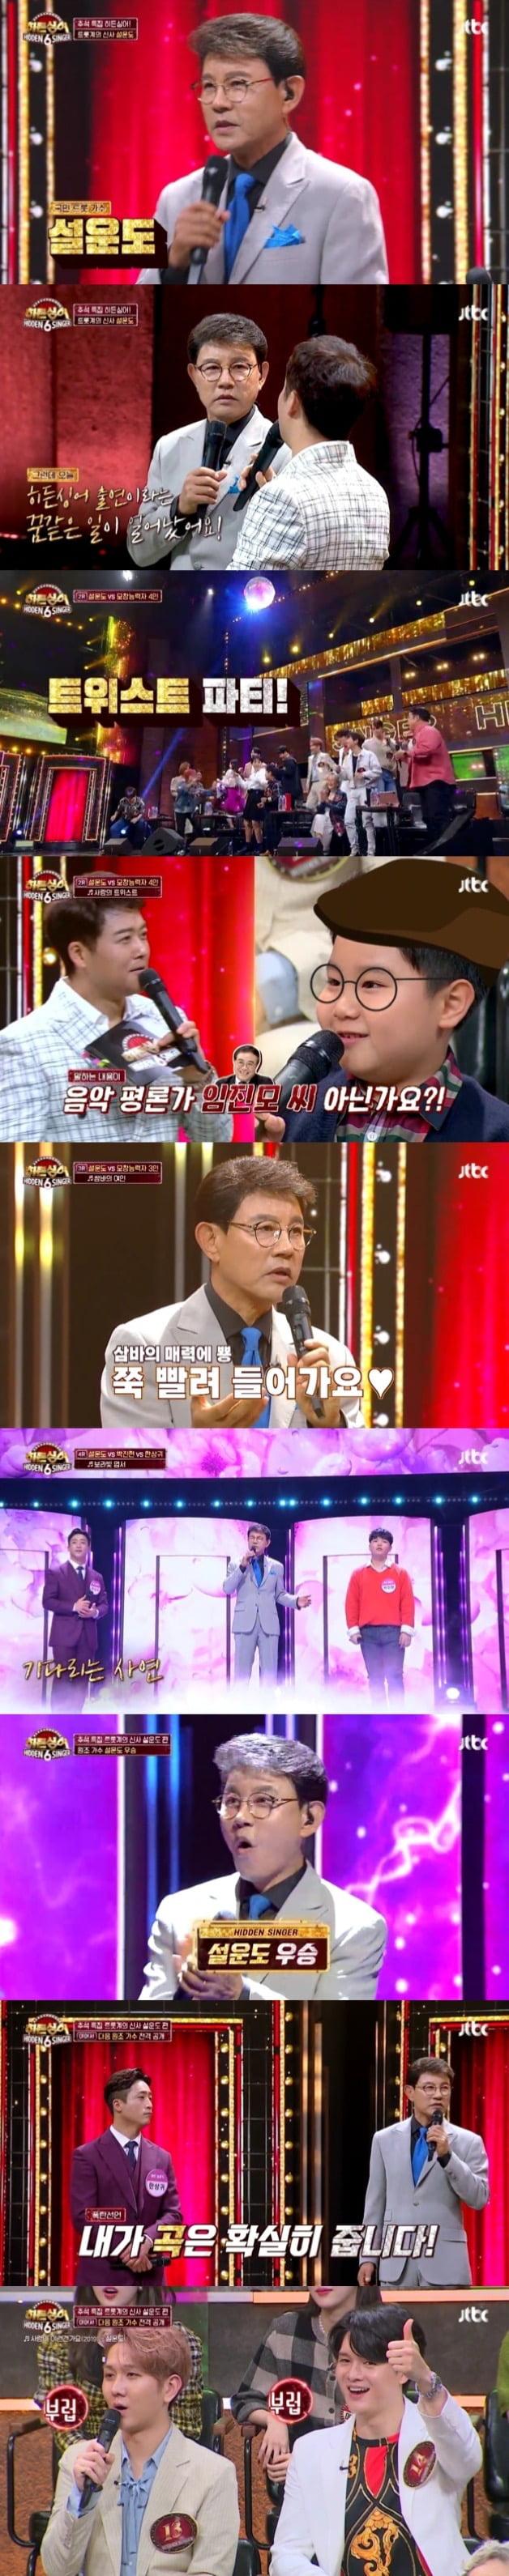 '히든싱어6' 설운도 우승 /사진=JTBC 방송화면 캡처